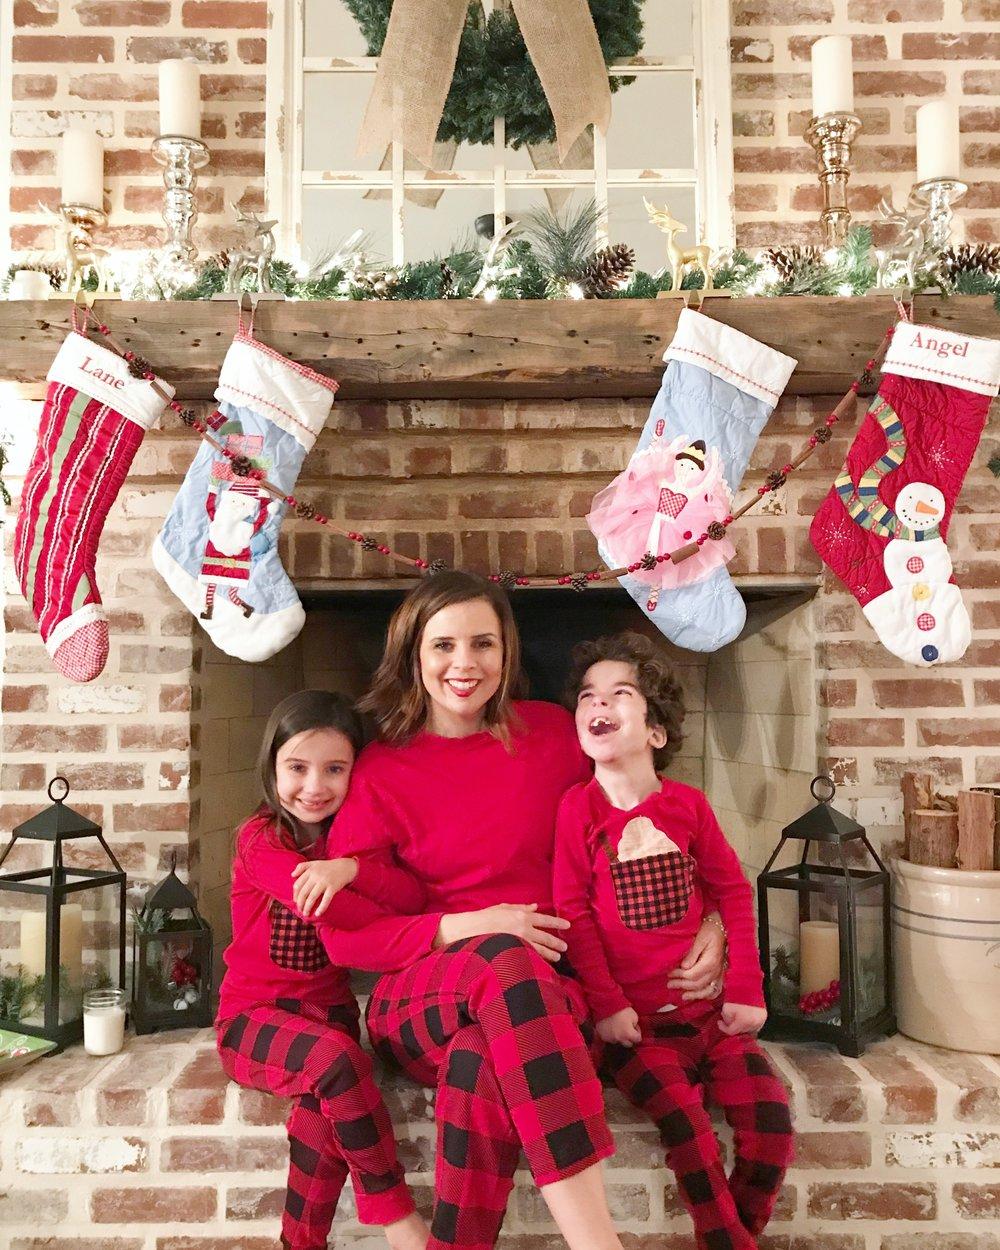 LouisianaFarmhouse Christmas 126.JPG